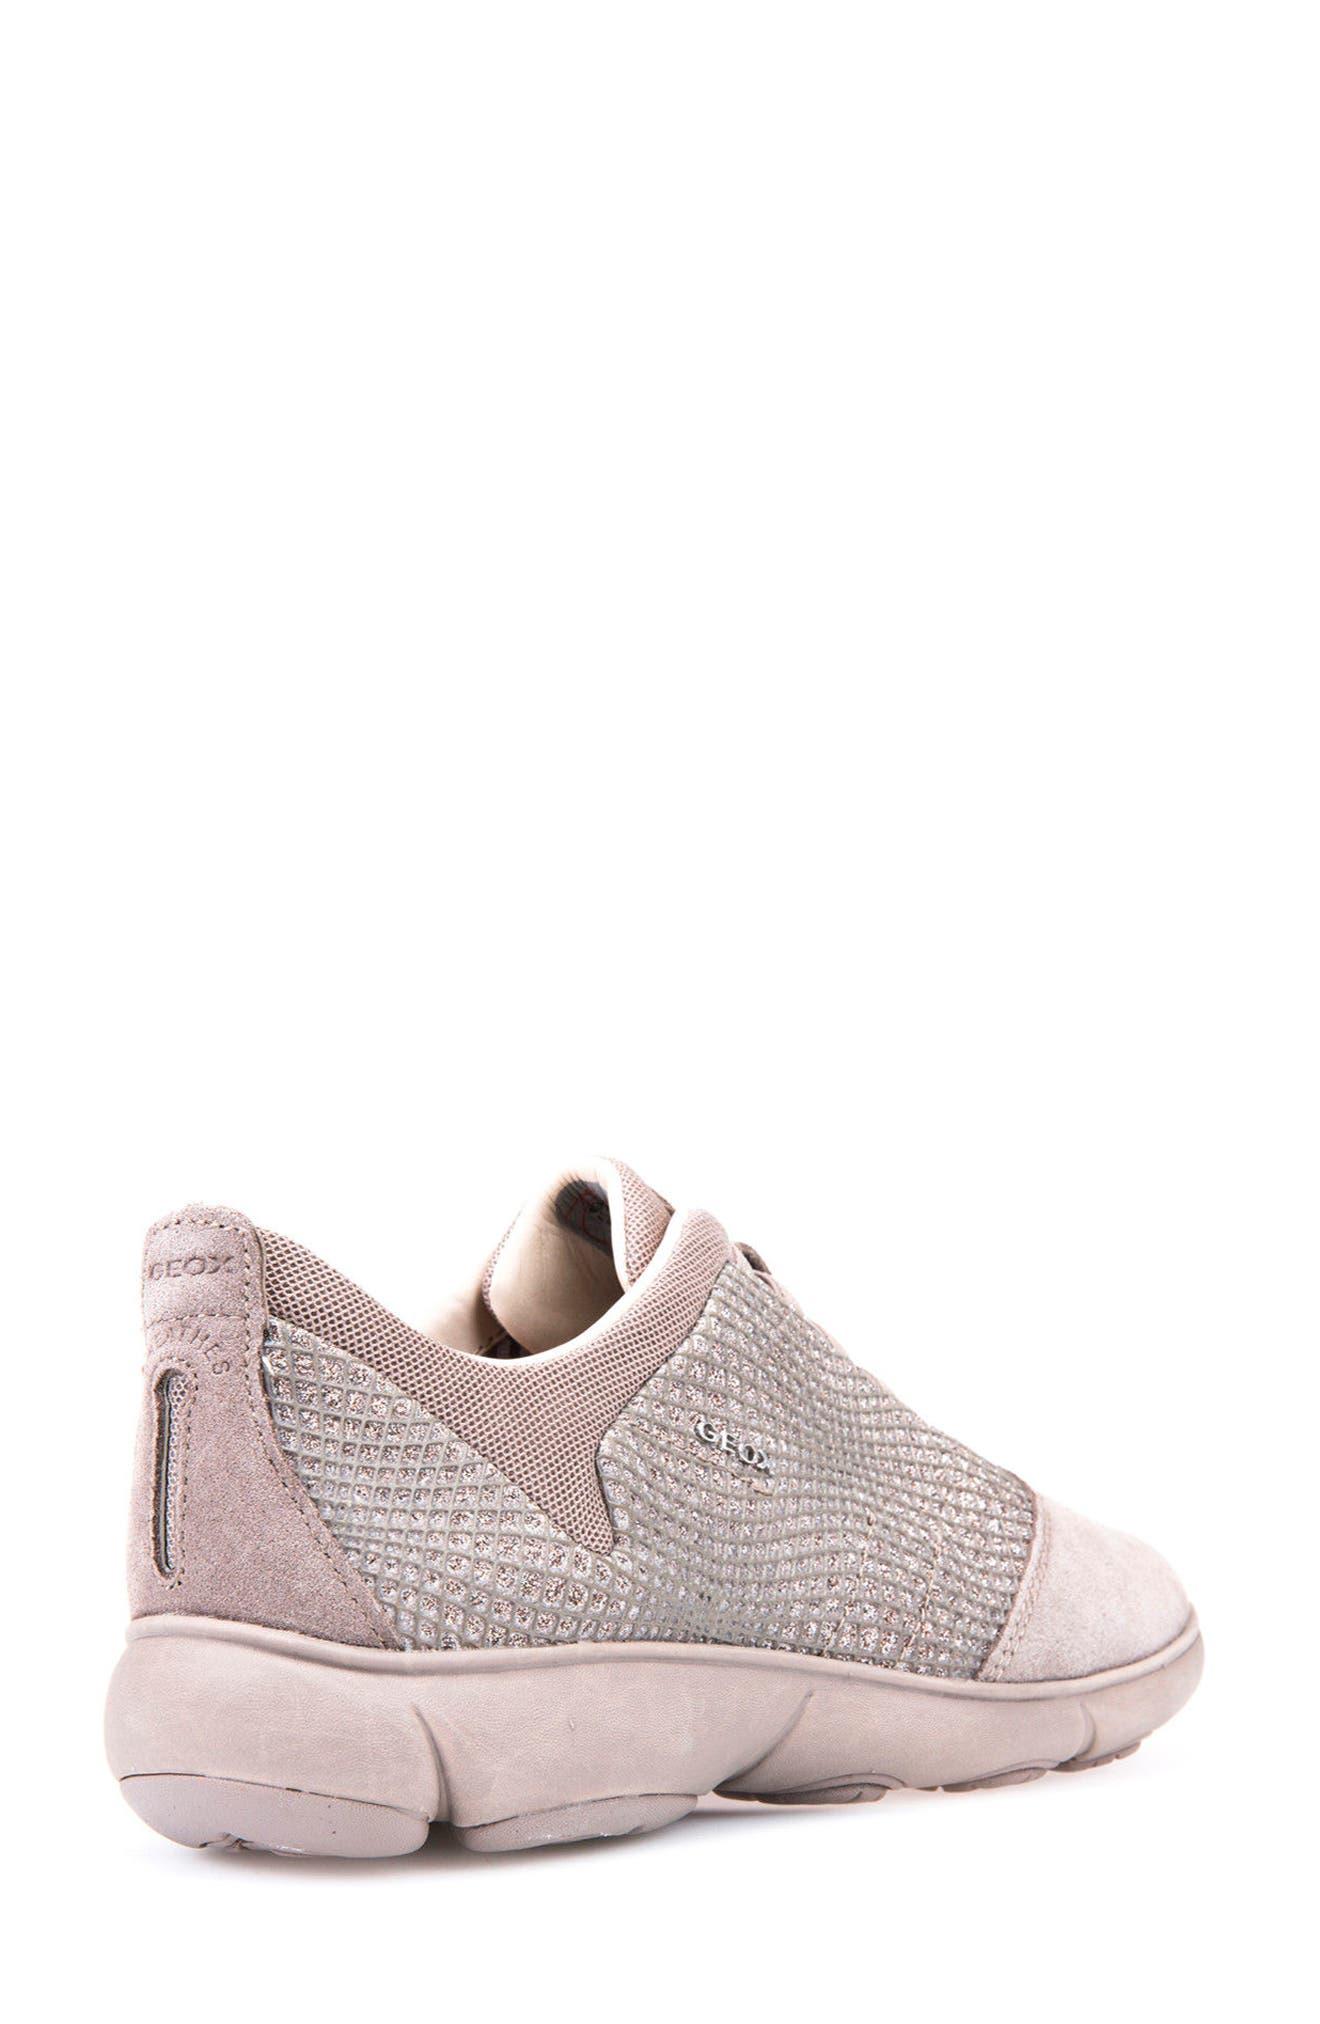 Nebula Slip-On Sneaker,                             Alternate thumbnail 17, color,